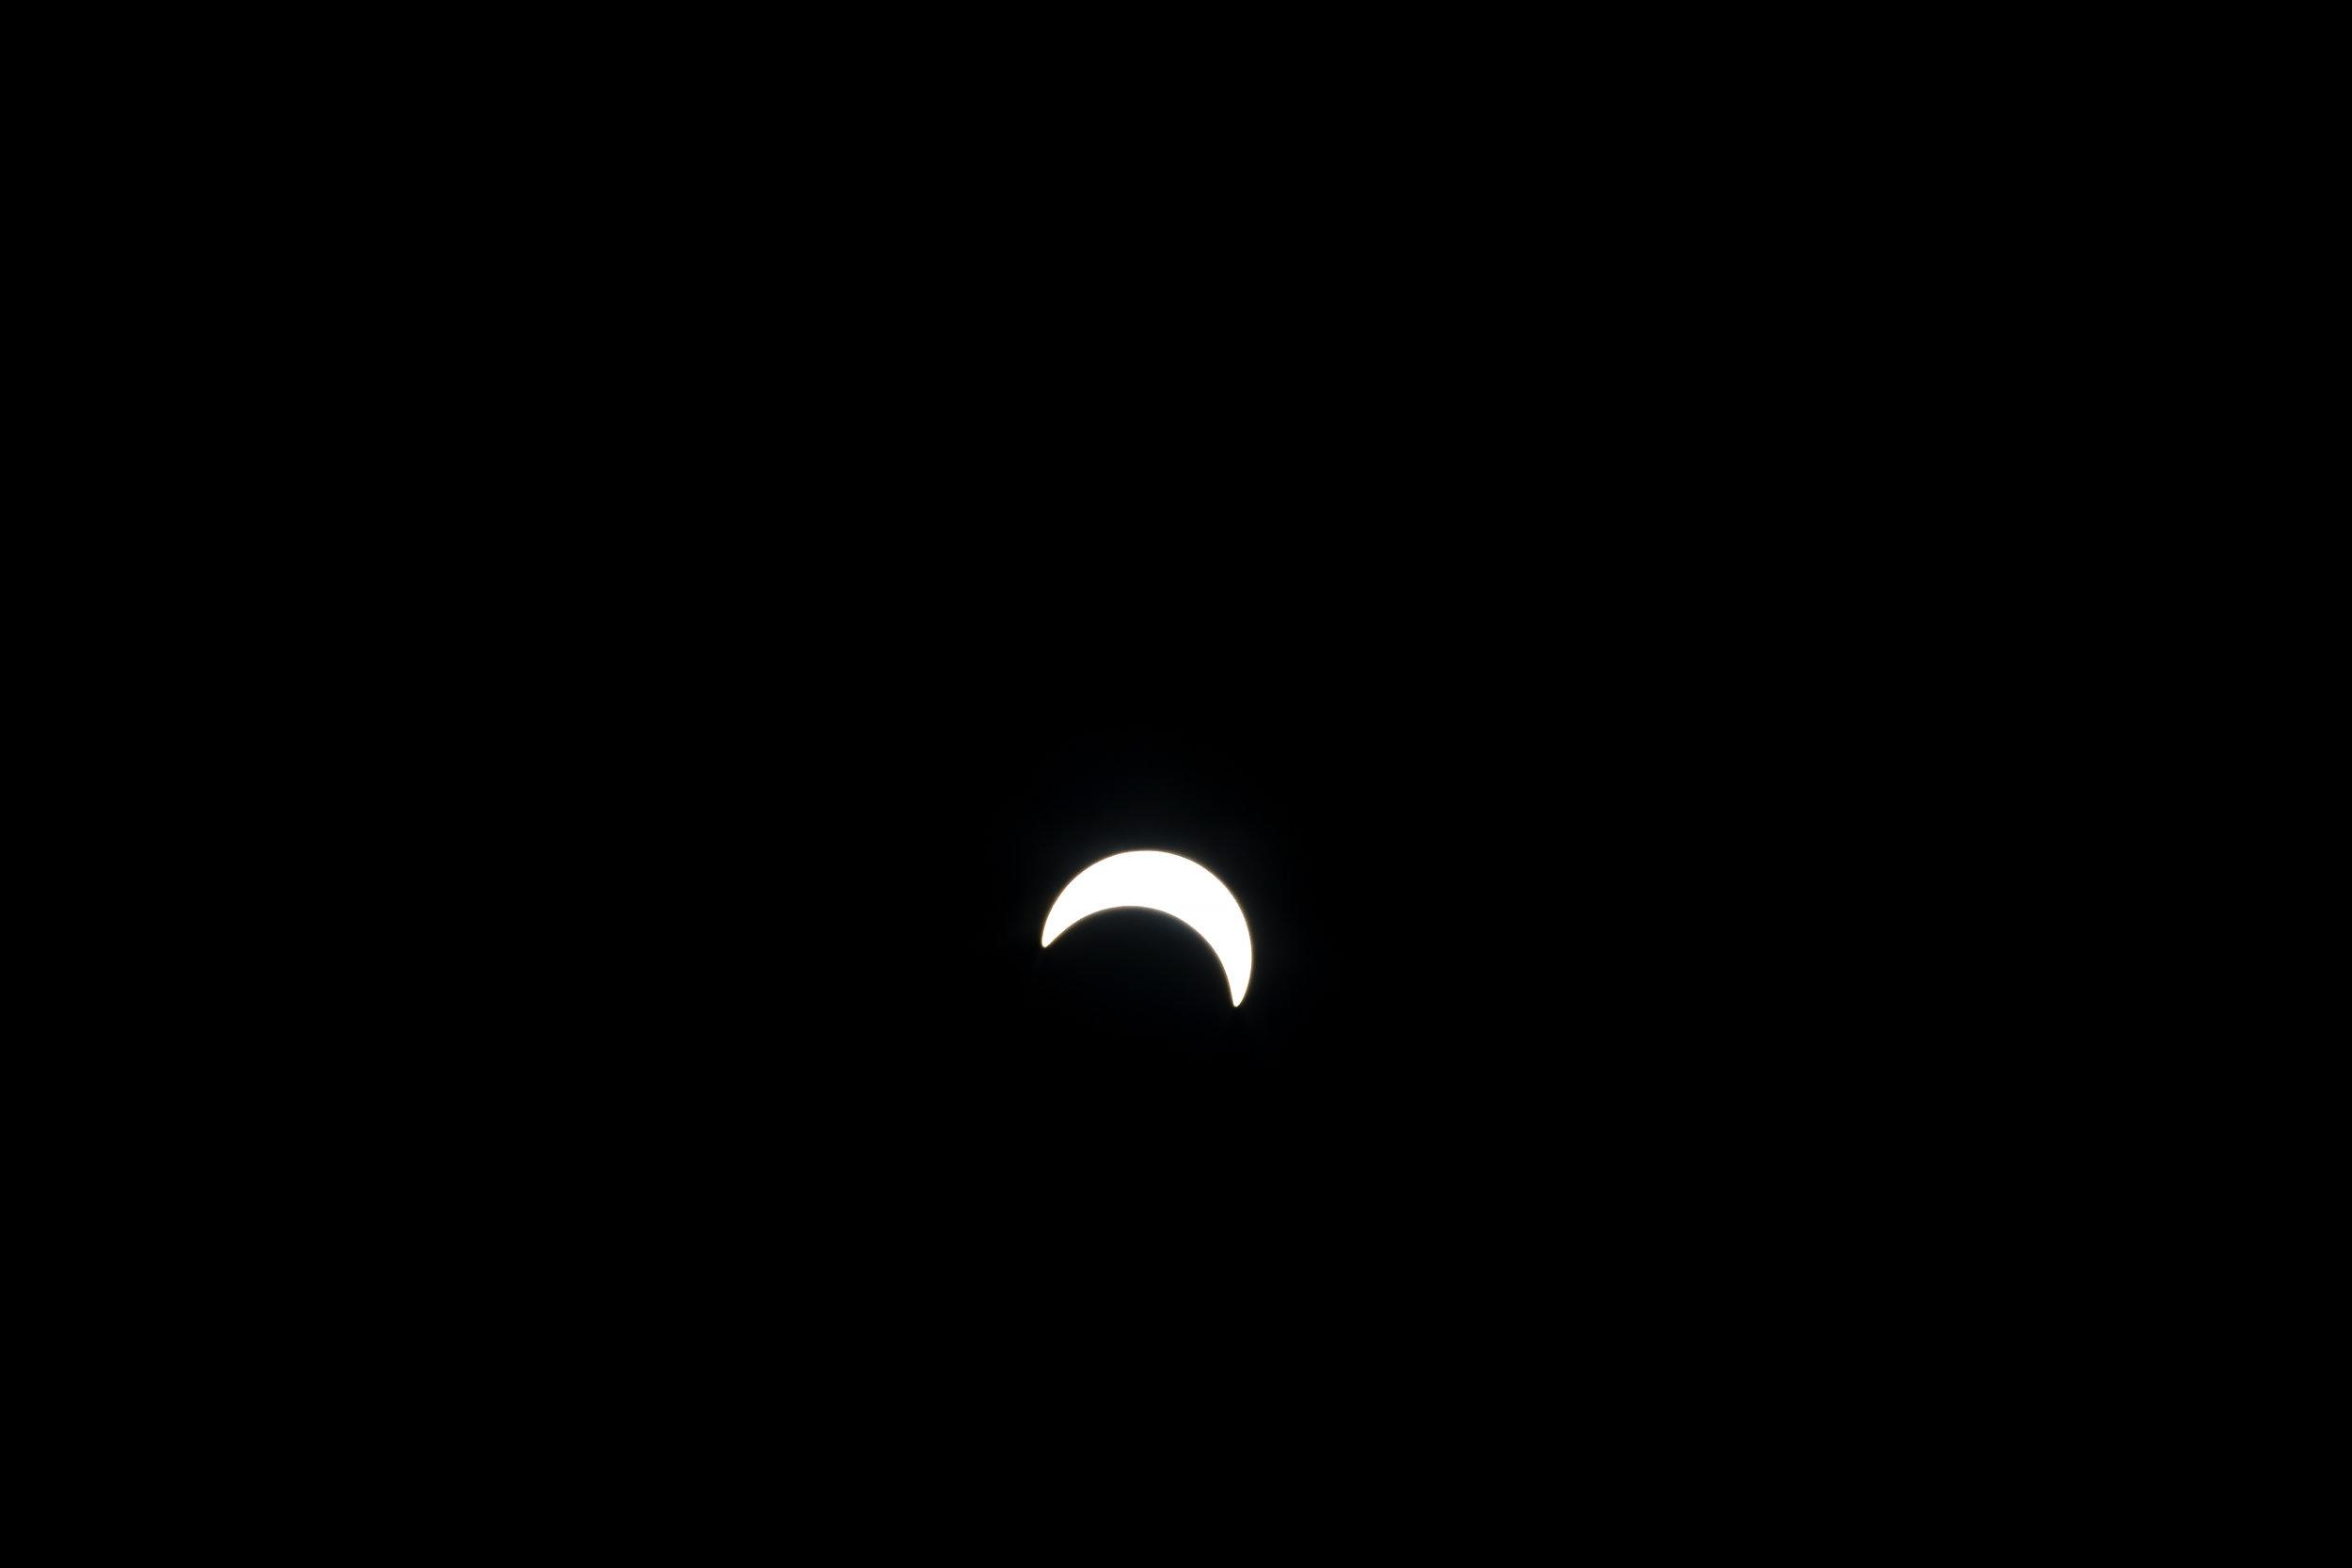 Solar Eclipse Brooklyn, New York. 2017